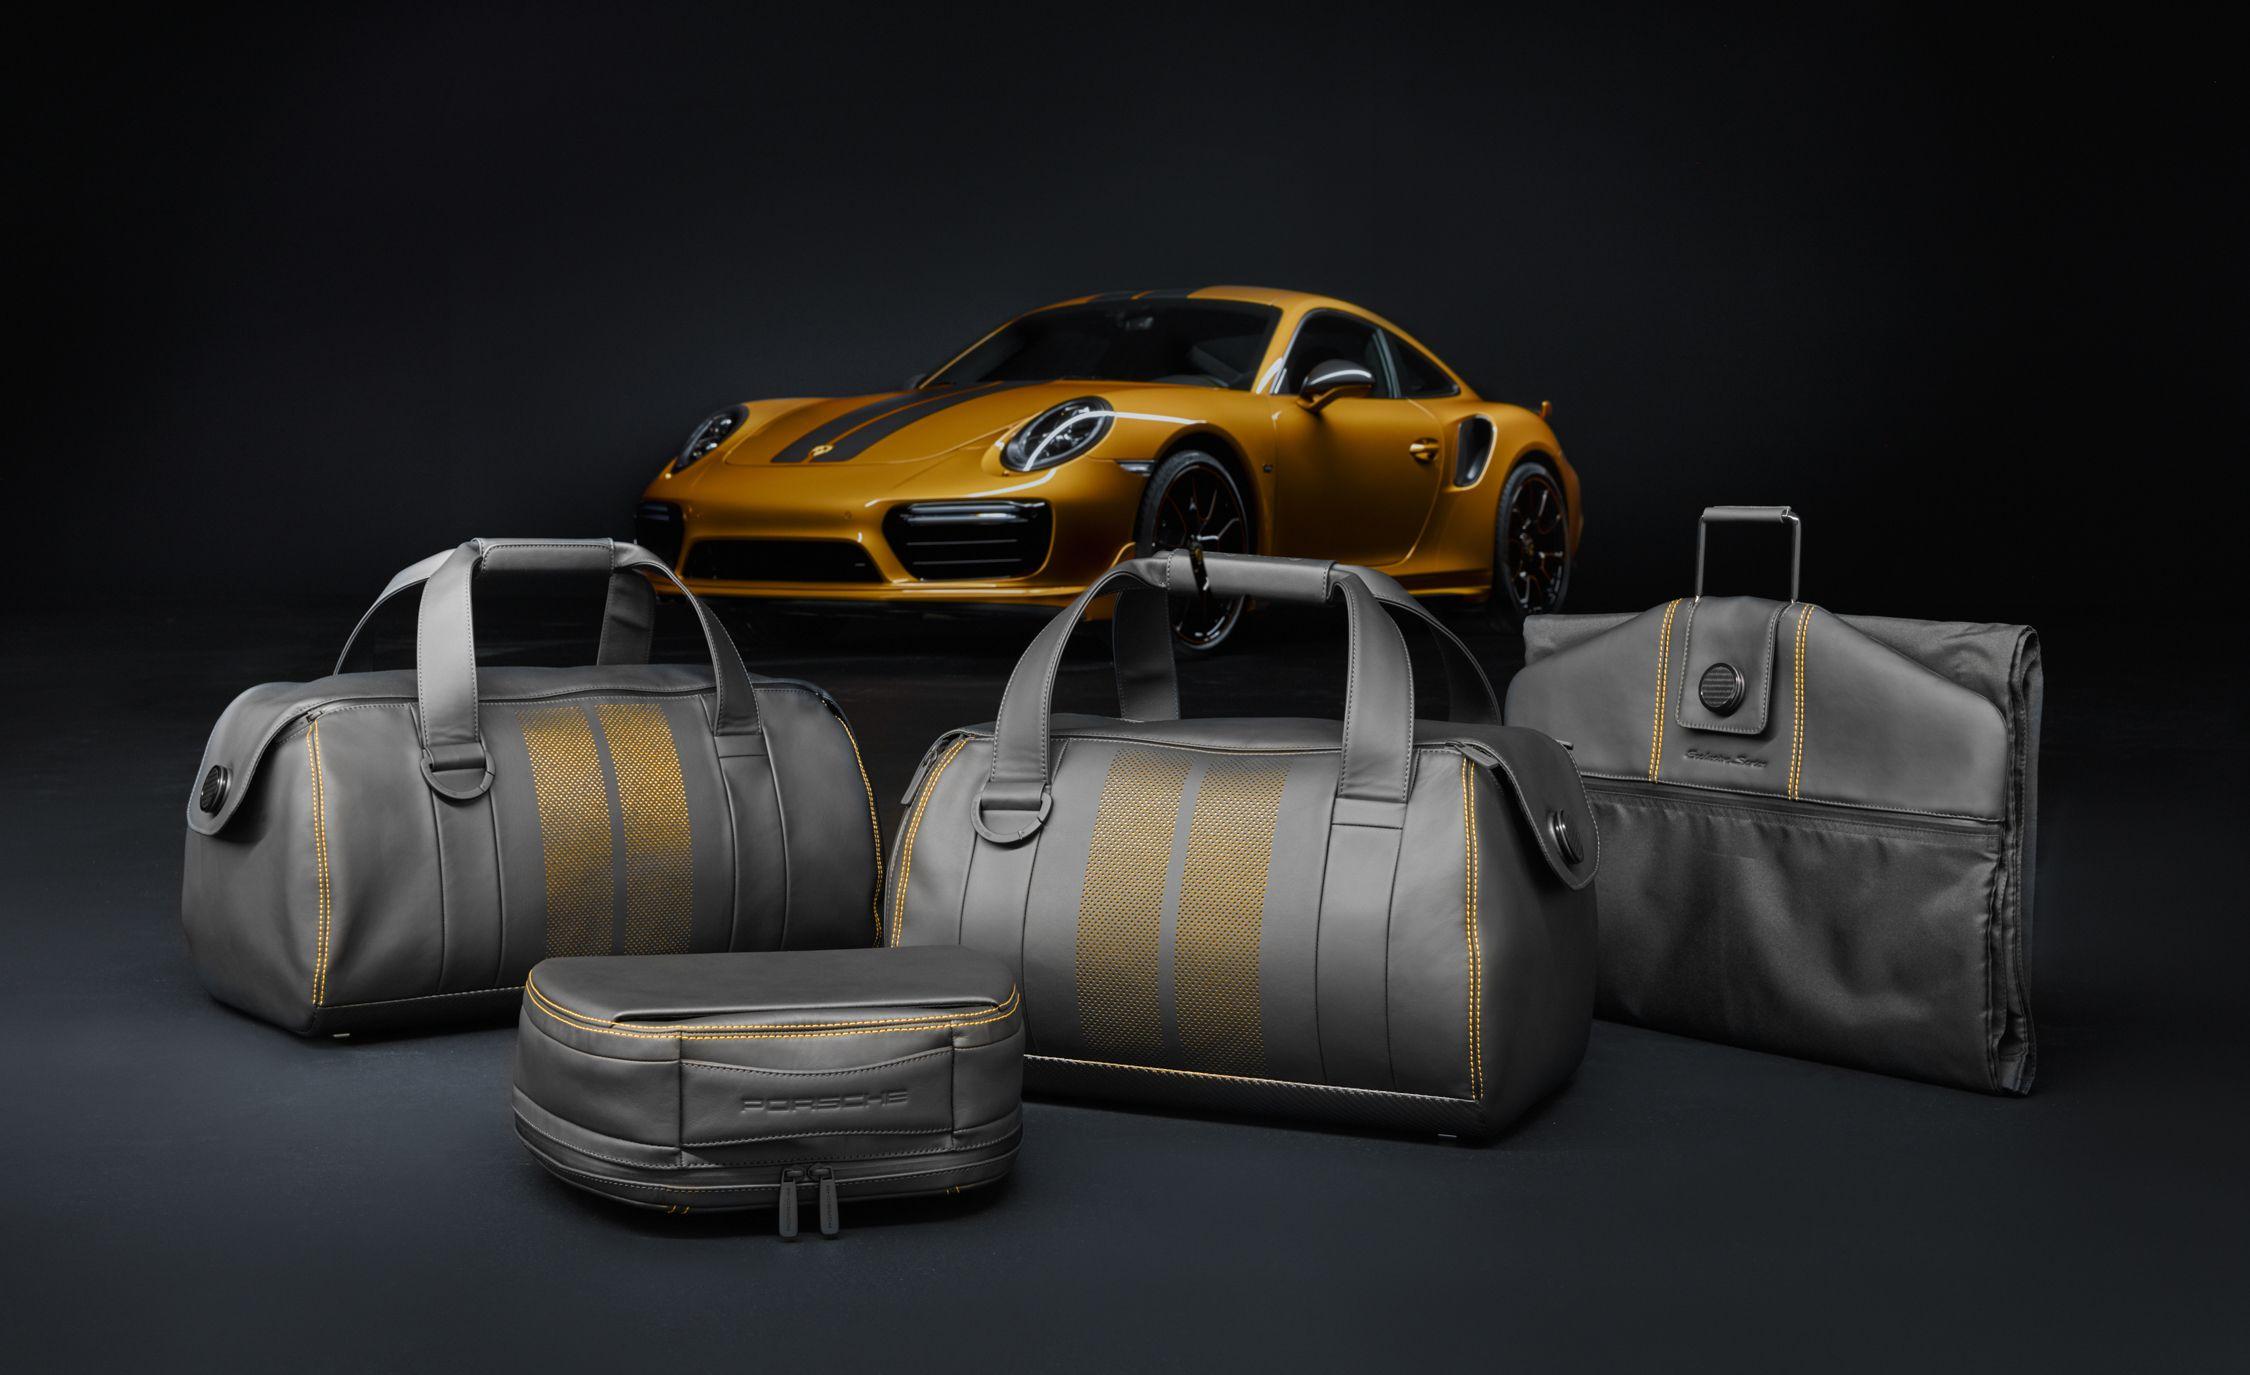 4f9ff4ffab6e Porsche Announces 911 Turbo S Exclusive Series Coupe